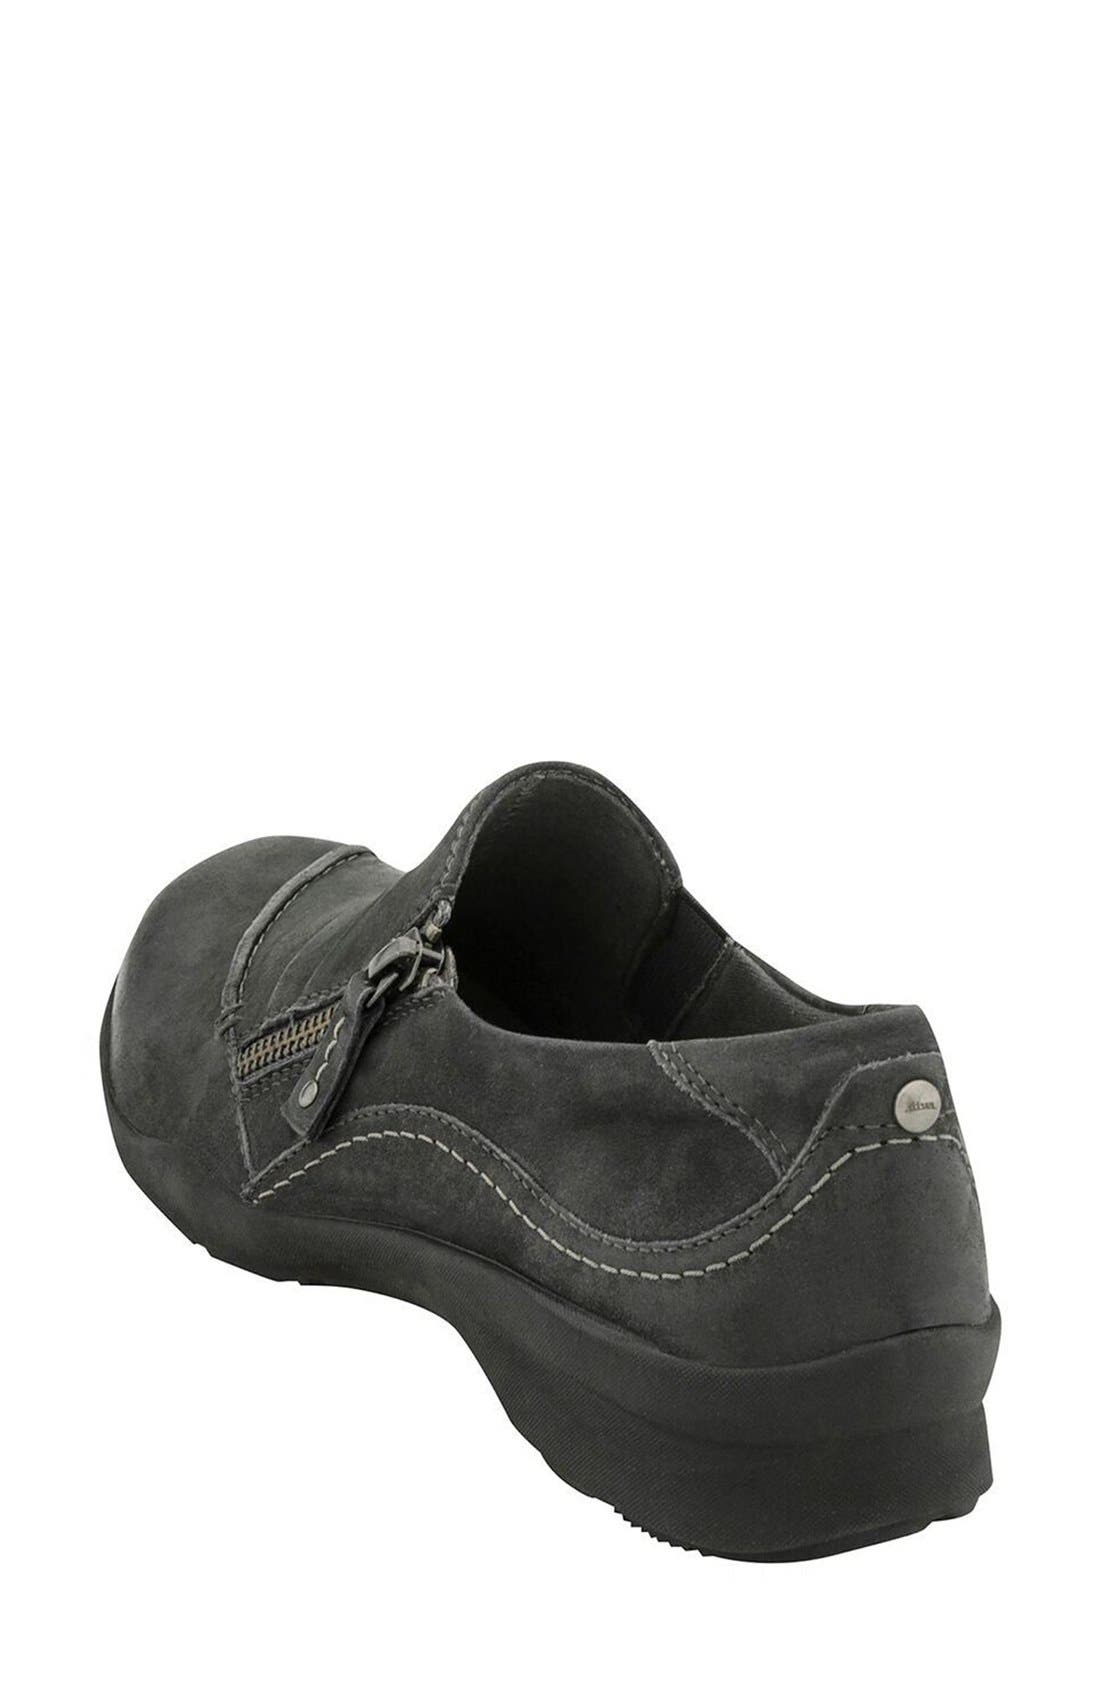 Alternate Image 2  - Earth® 'Anise' Slip-On Sneaker (Women)